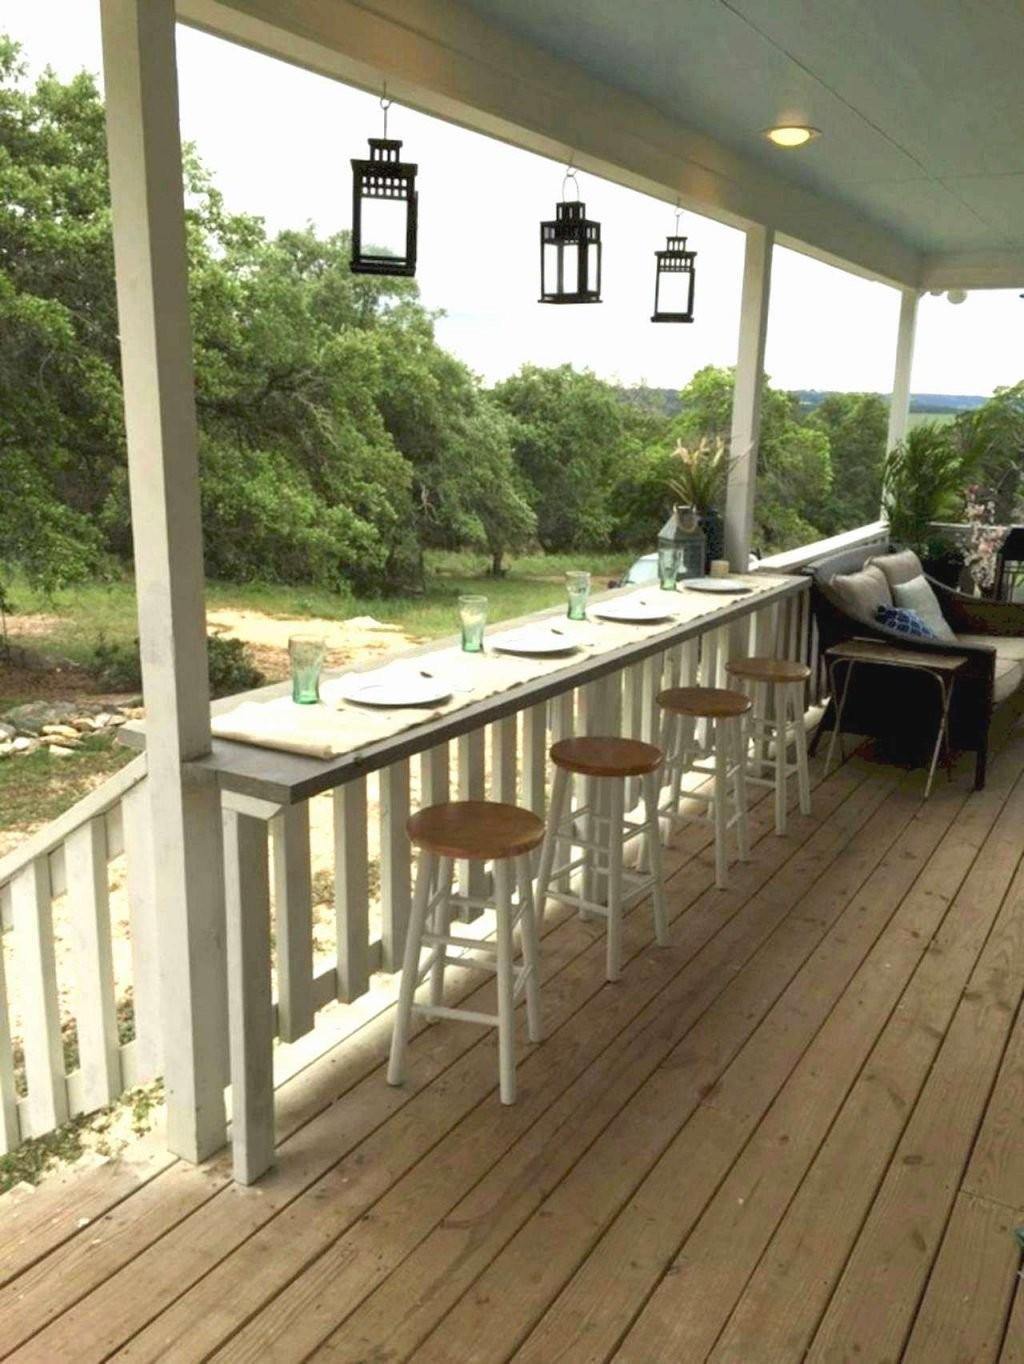 Garten Gestalten Mit Wenig Geld Inspirierend Balkon Dekorieren von Balkon Gestalten Mit Wenig Geld Bild